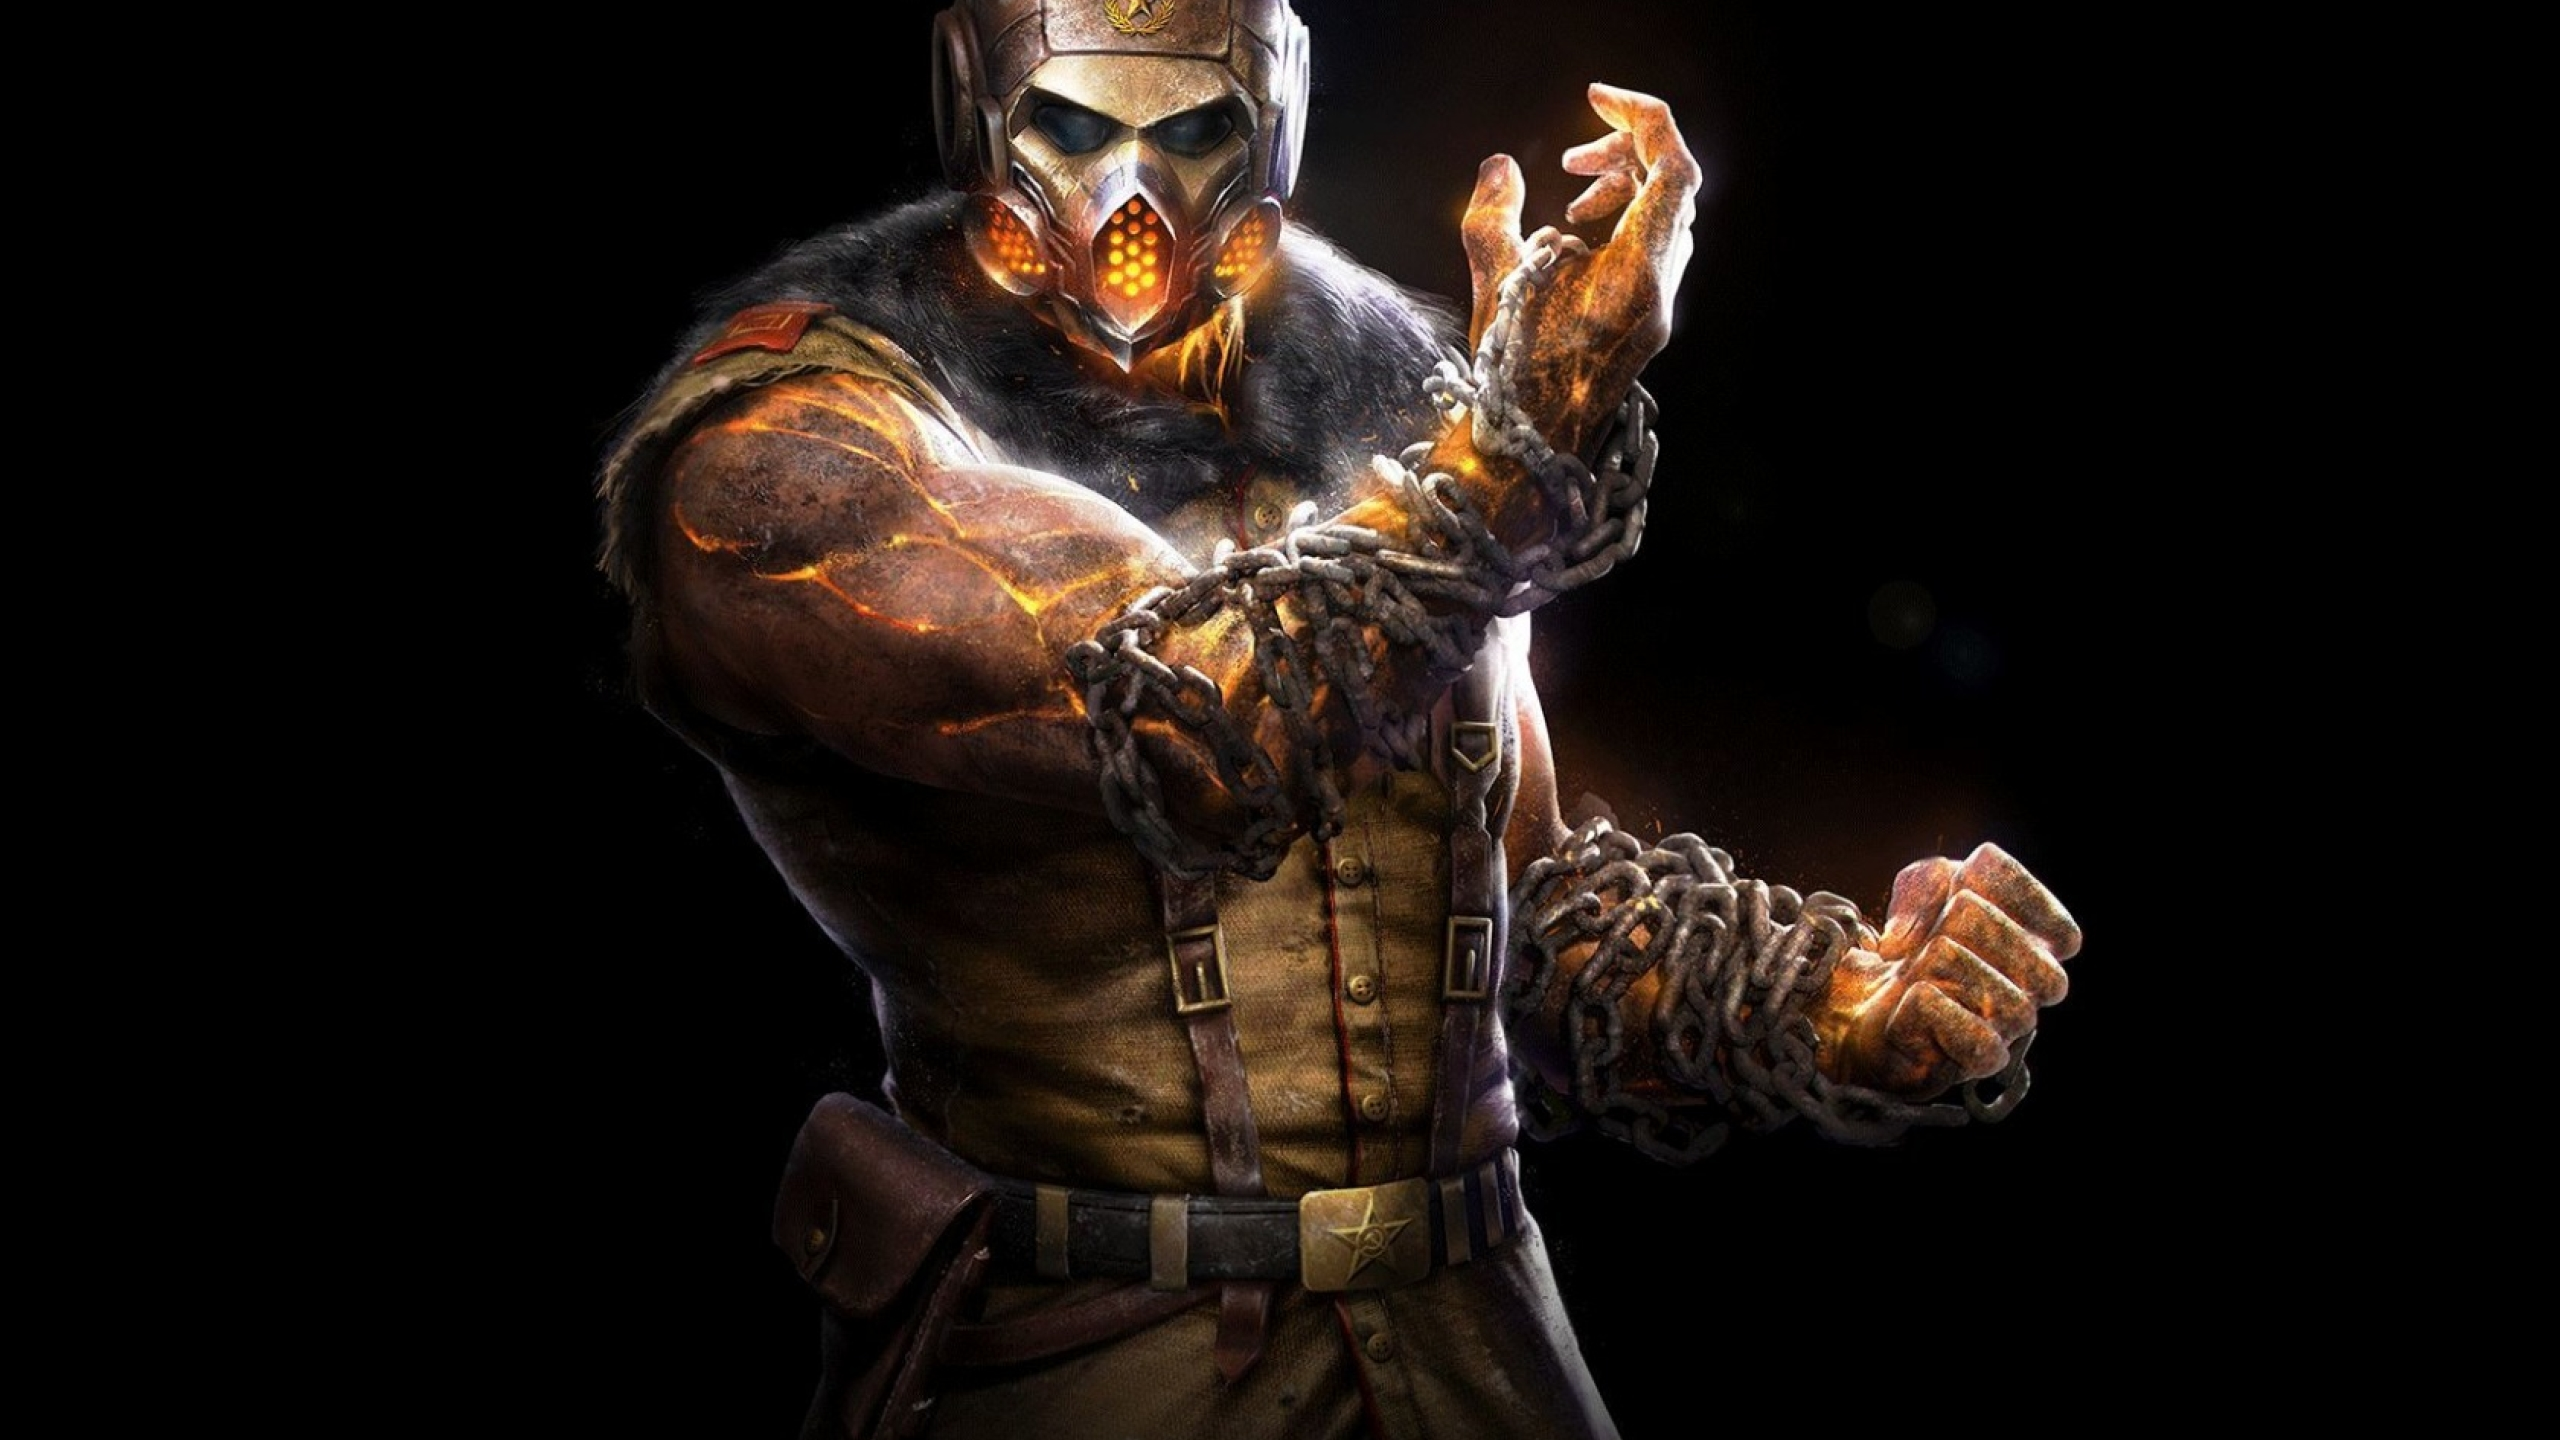 2560x1440 Mortal Kombat X Scorpion Ninja 1440p Resolution